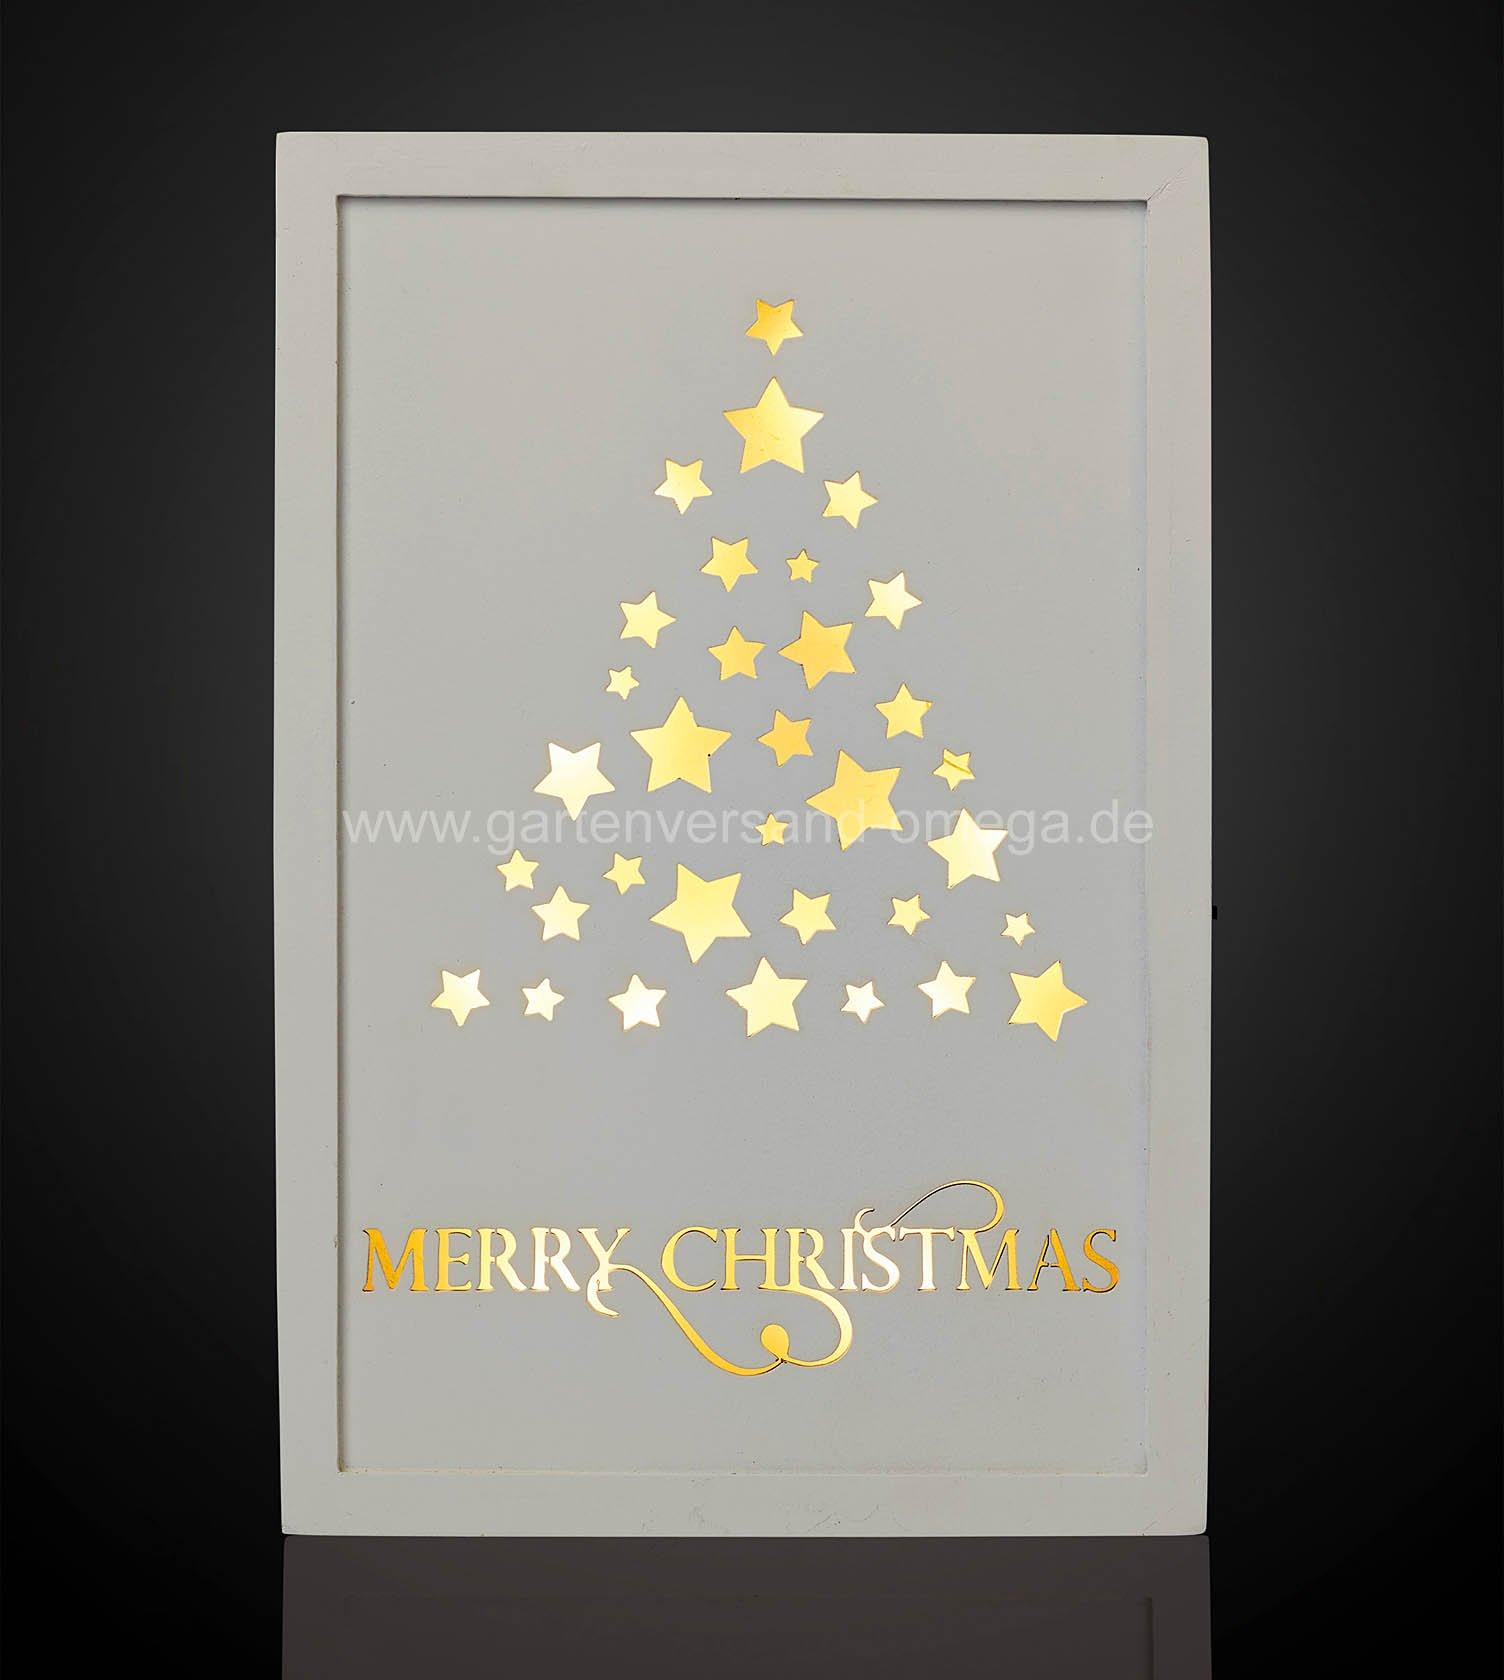 2616062-led-holzbild-mit-weihnachtsbaum_hd-large Spannende Led Weihnachtsbaumbeleuchtung Ohne Kabel Dekorationen